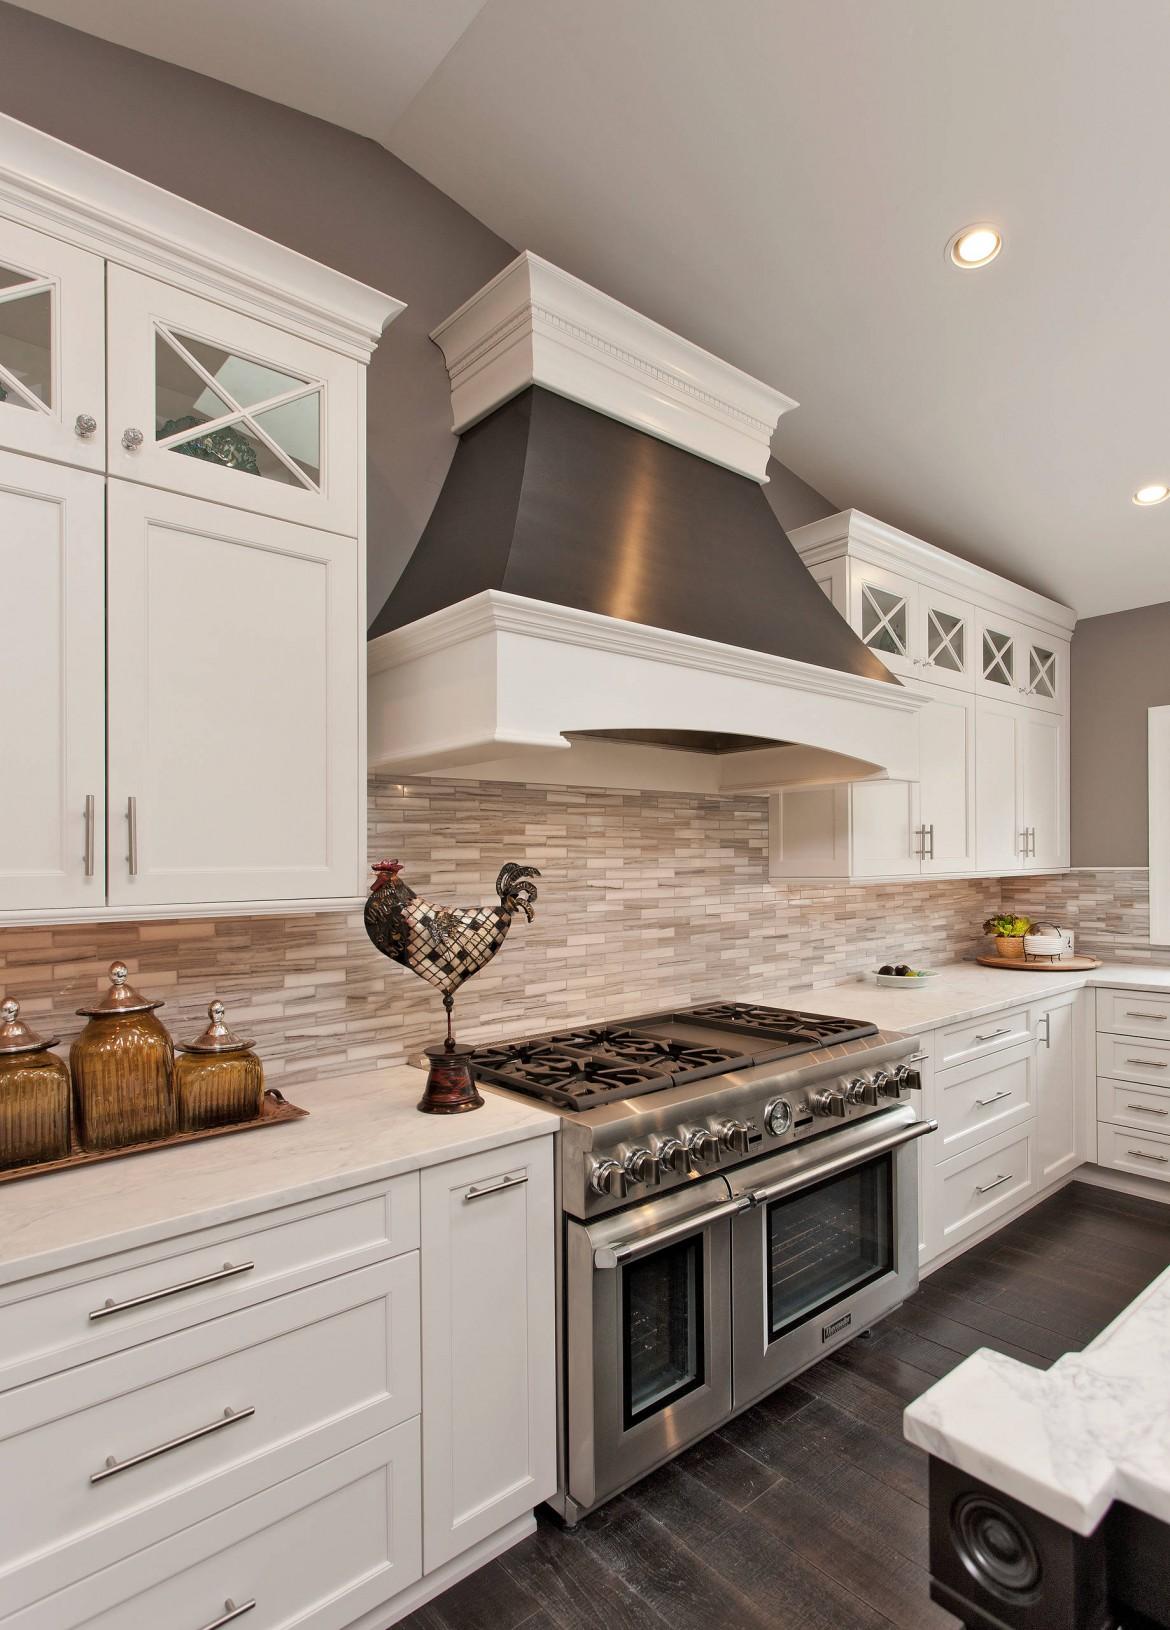 46 Best White Kitchen Cabinet Ideas for 2018